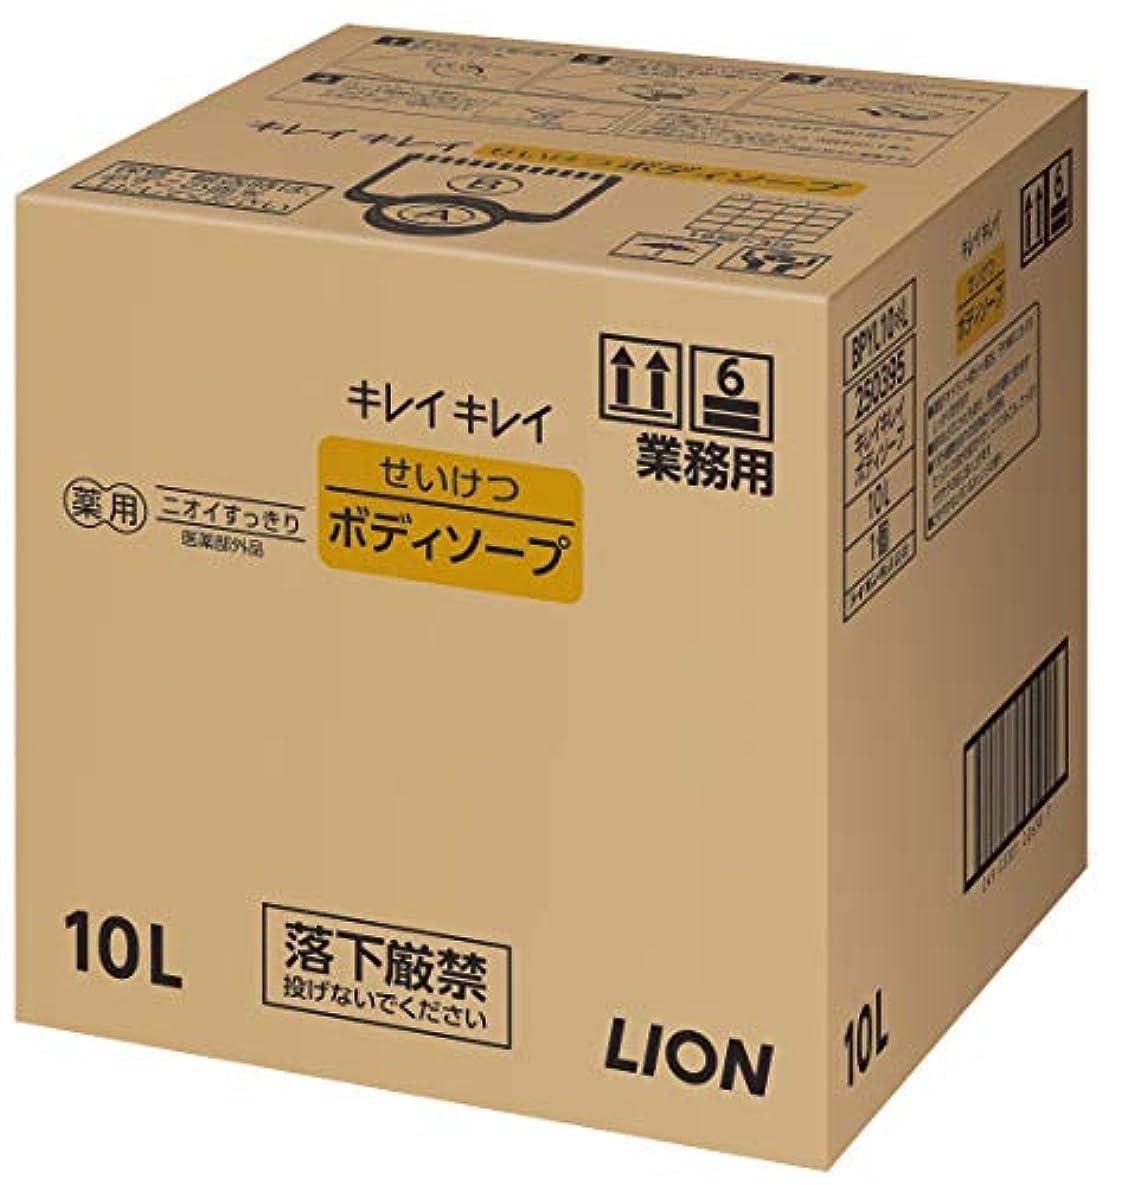 効能姿を消すマーチャンダイザーキレイキレイ せいけつボディソープ さわやかなレモン&オレンジの香り 業務用 10L